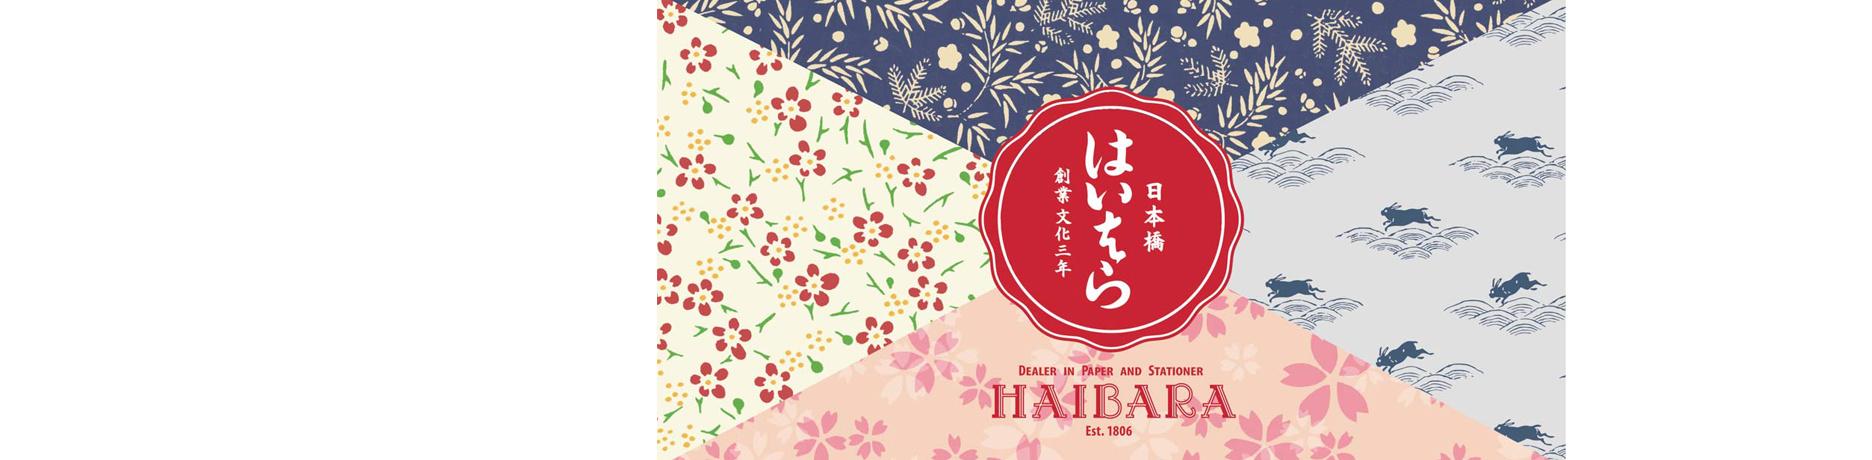 Haibara